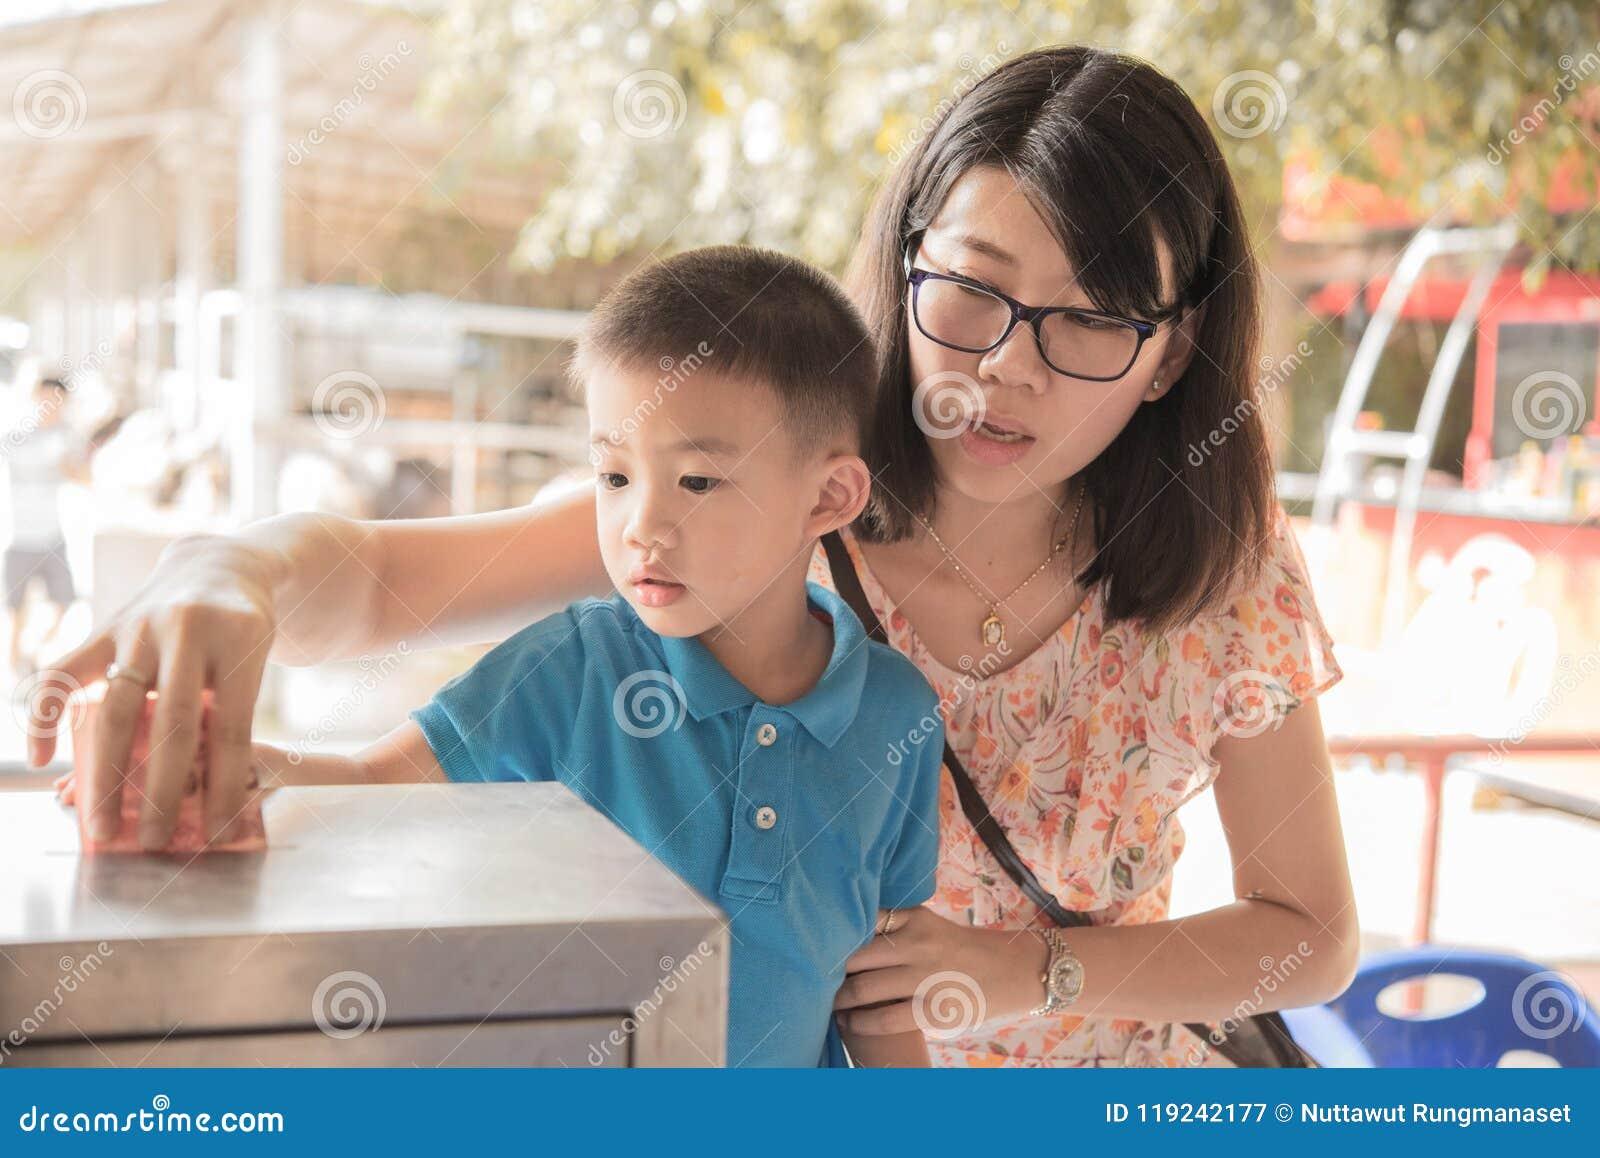 Το αγόρι και η μητέρα του όλο το toghter δίνουν τα κοντά τεθειμένα χρήματα στο κιβώτιο δωρεάς